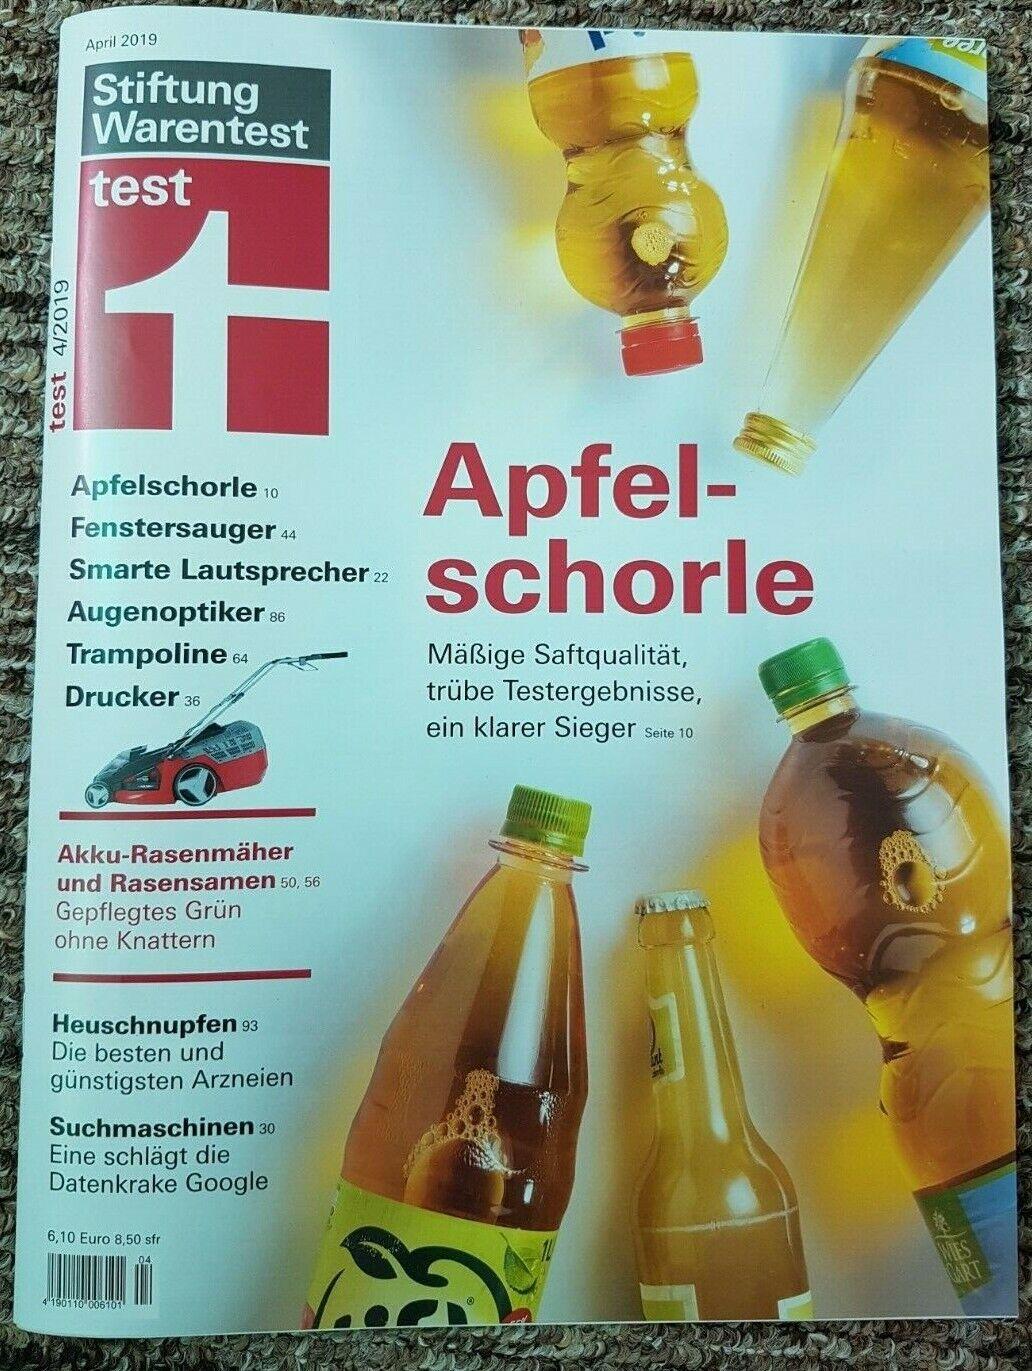 Neuw test Stiftung Warentest Fenstersauger Trampoline Drucker Rasenmäher April